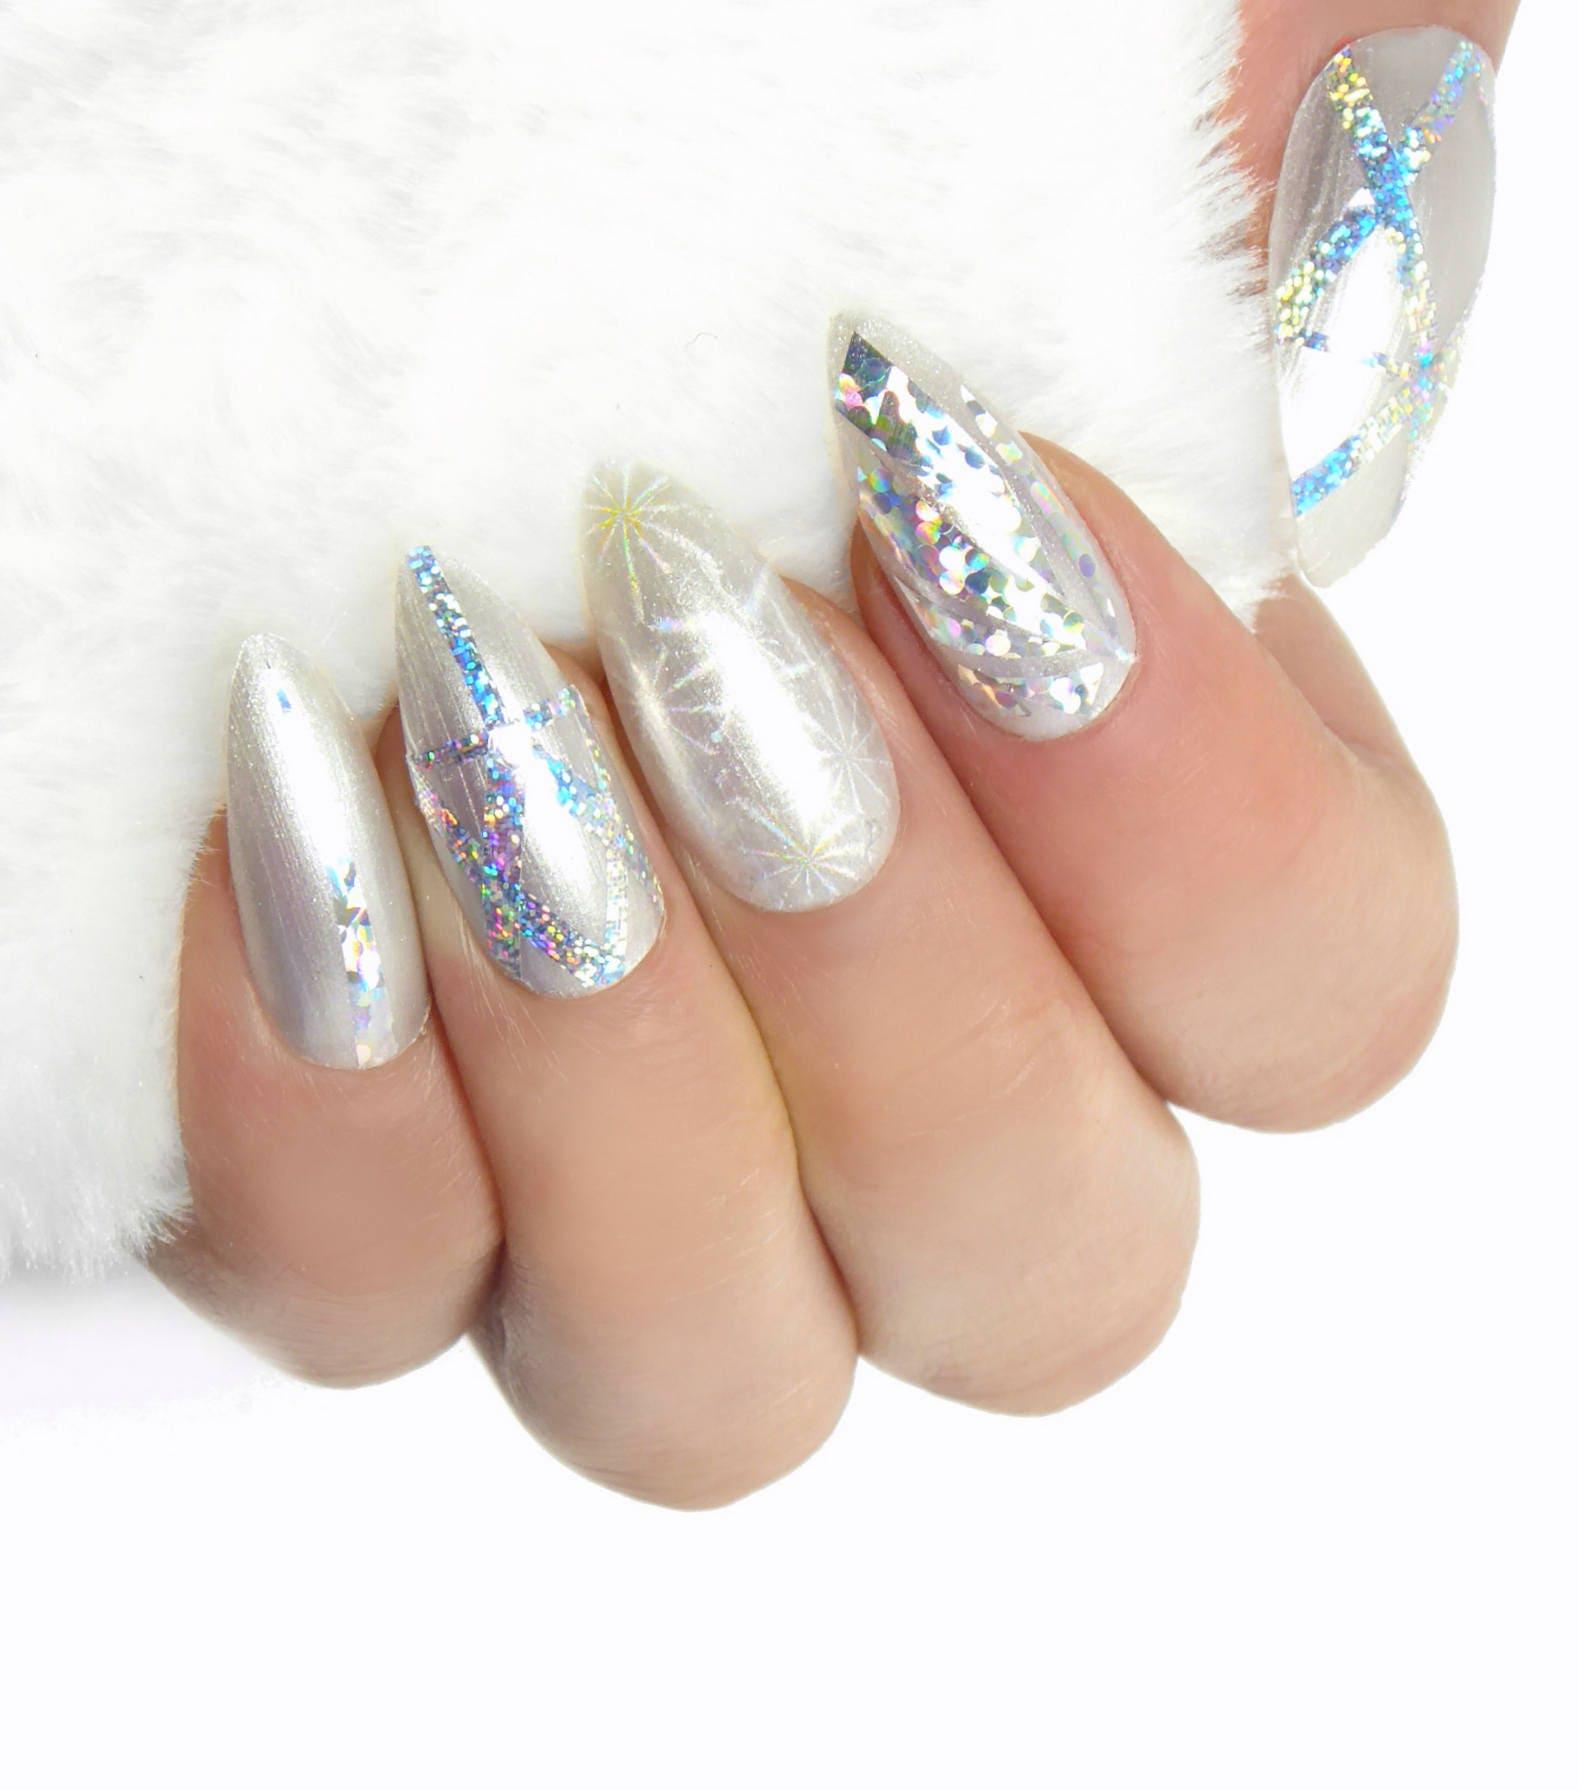 Sternenstaub Nägel / künstliche Nägel Kleber auf den Nägeln